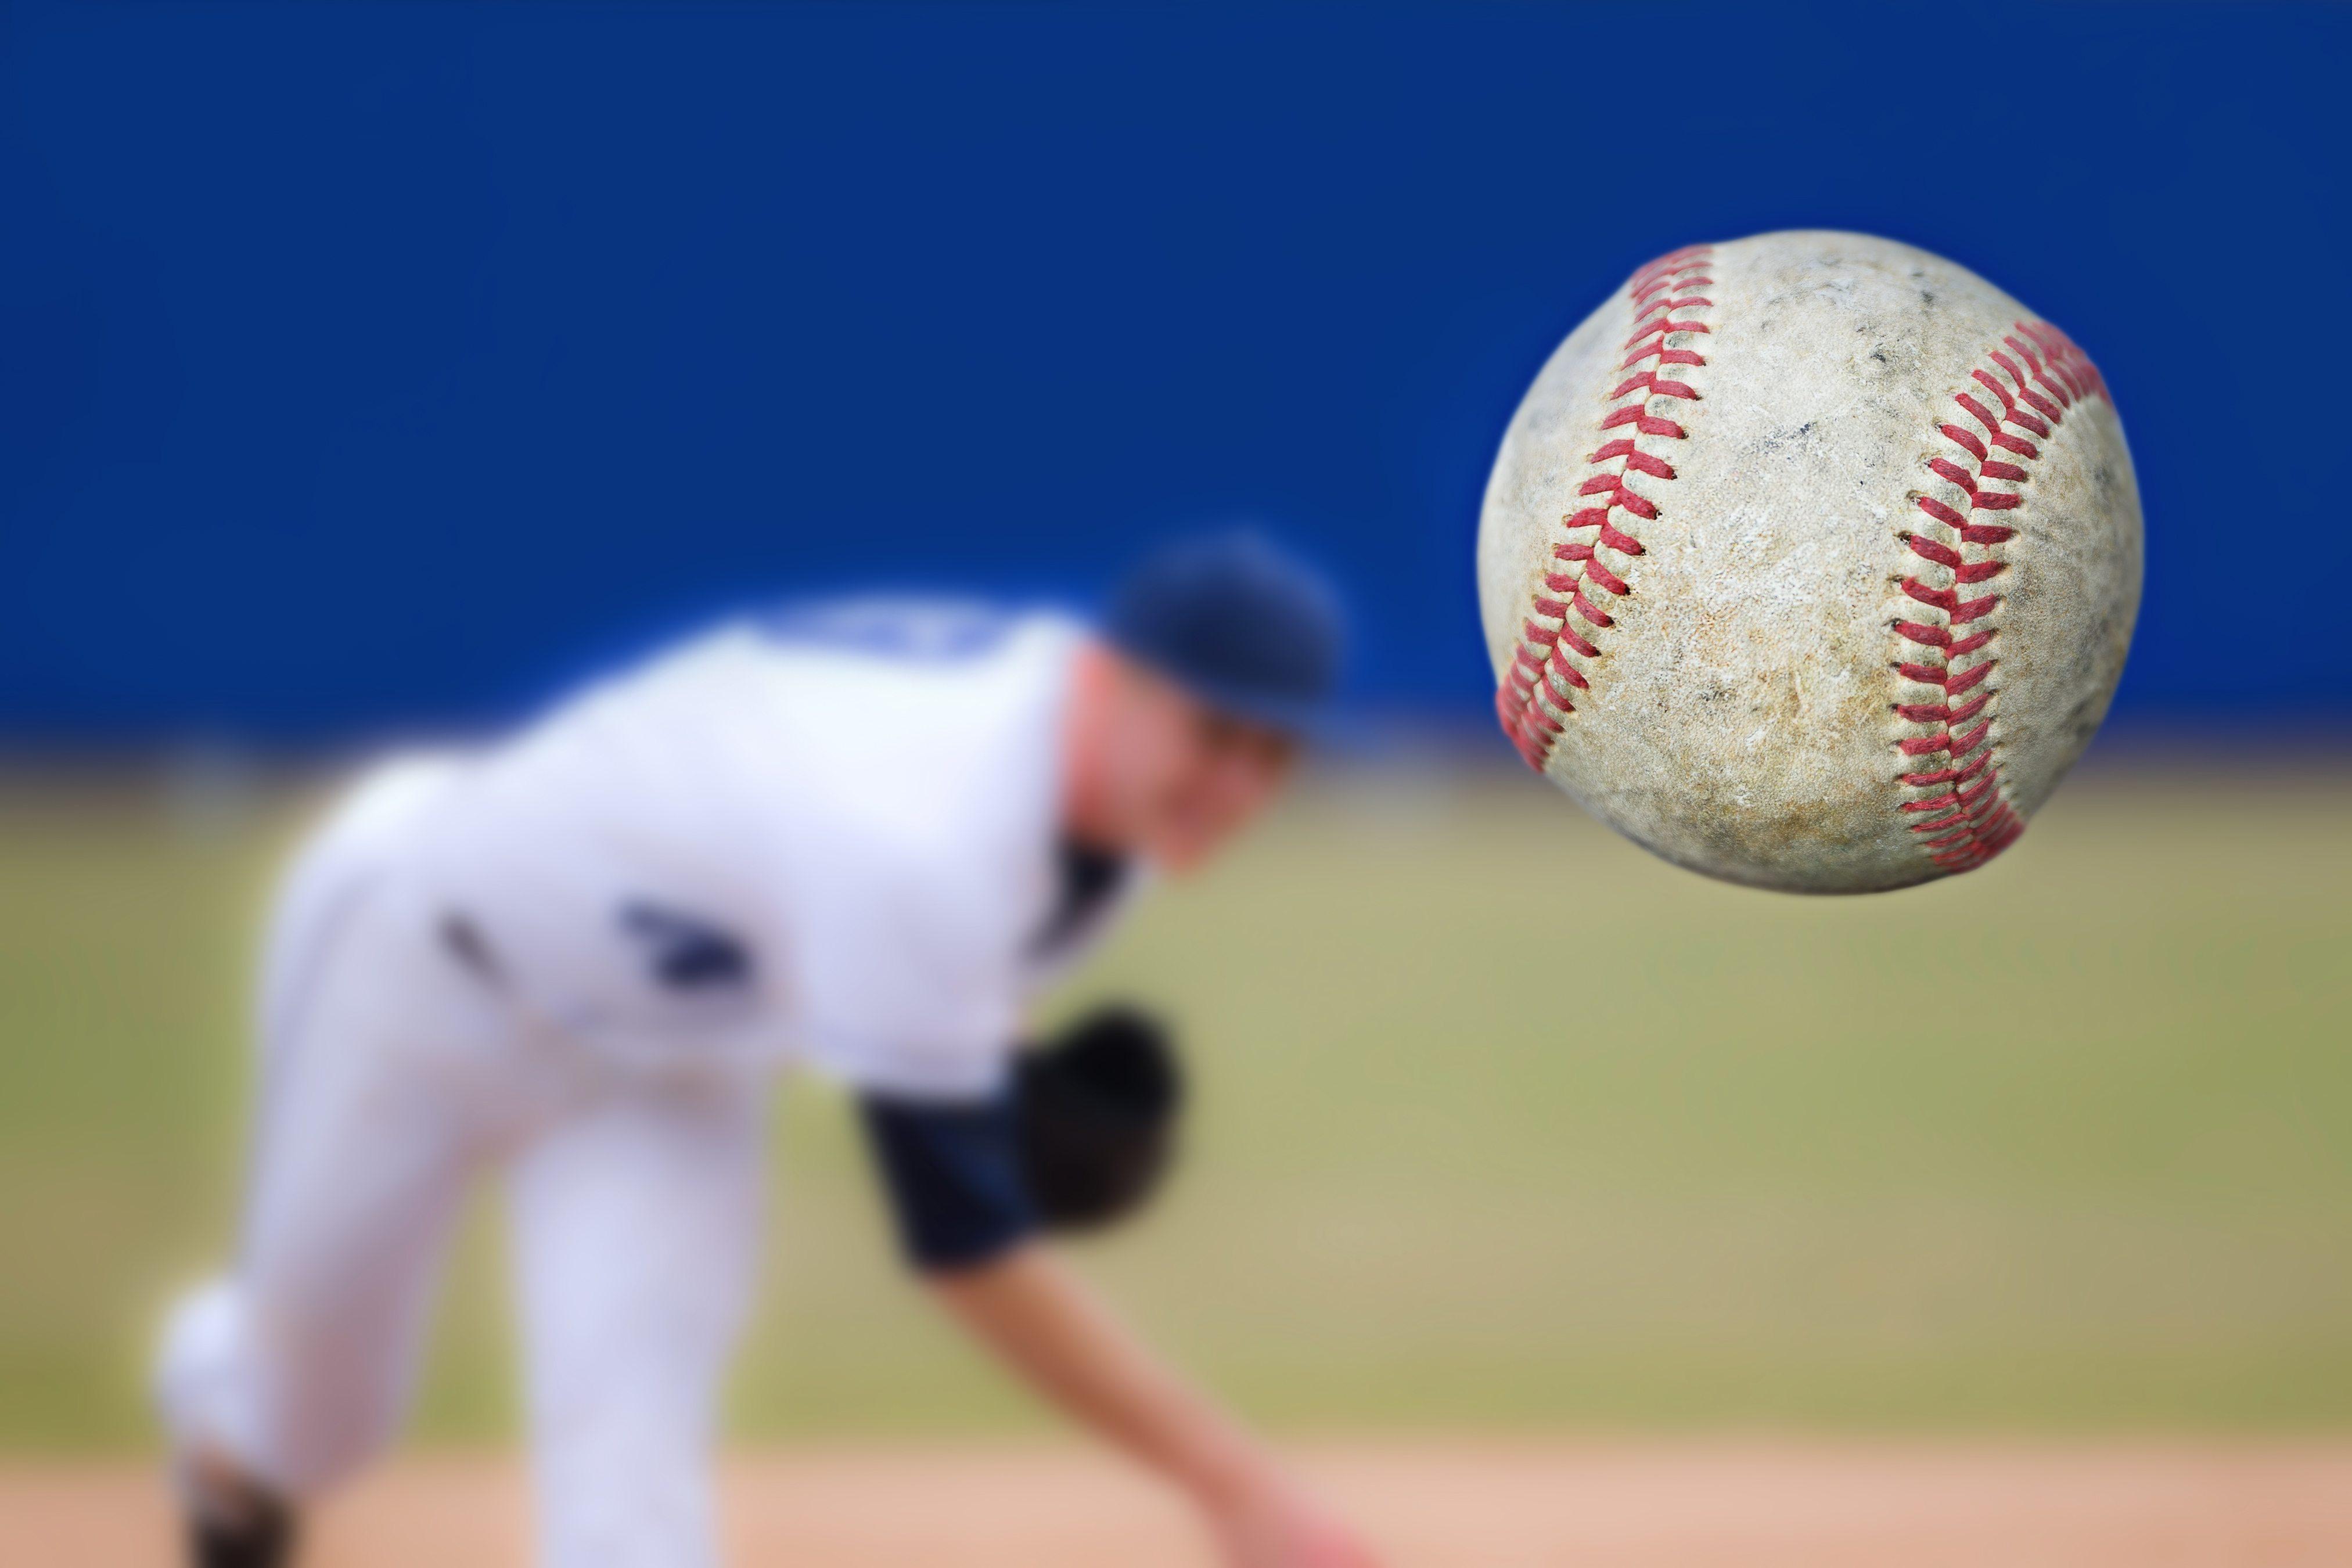 baseball, pitcher